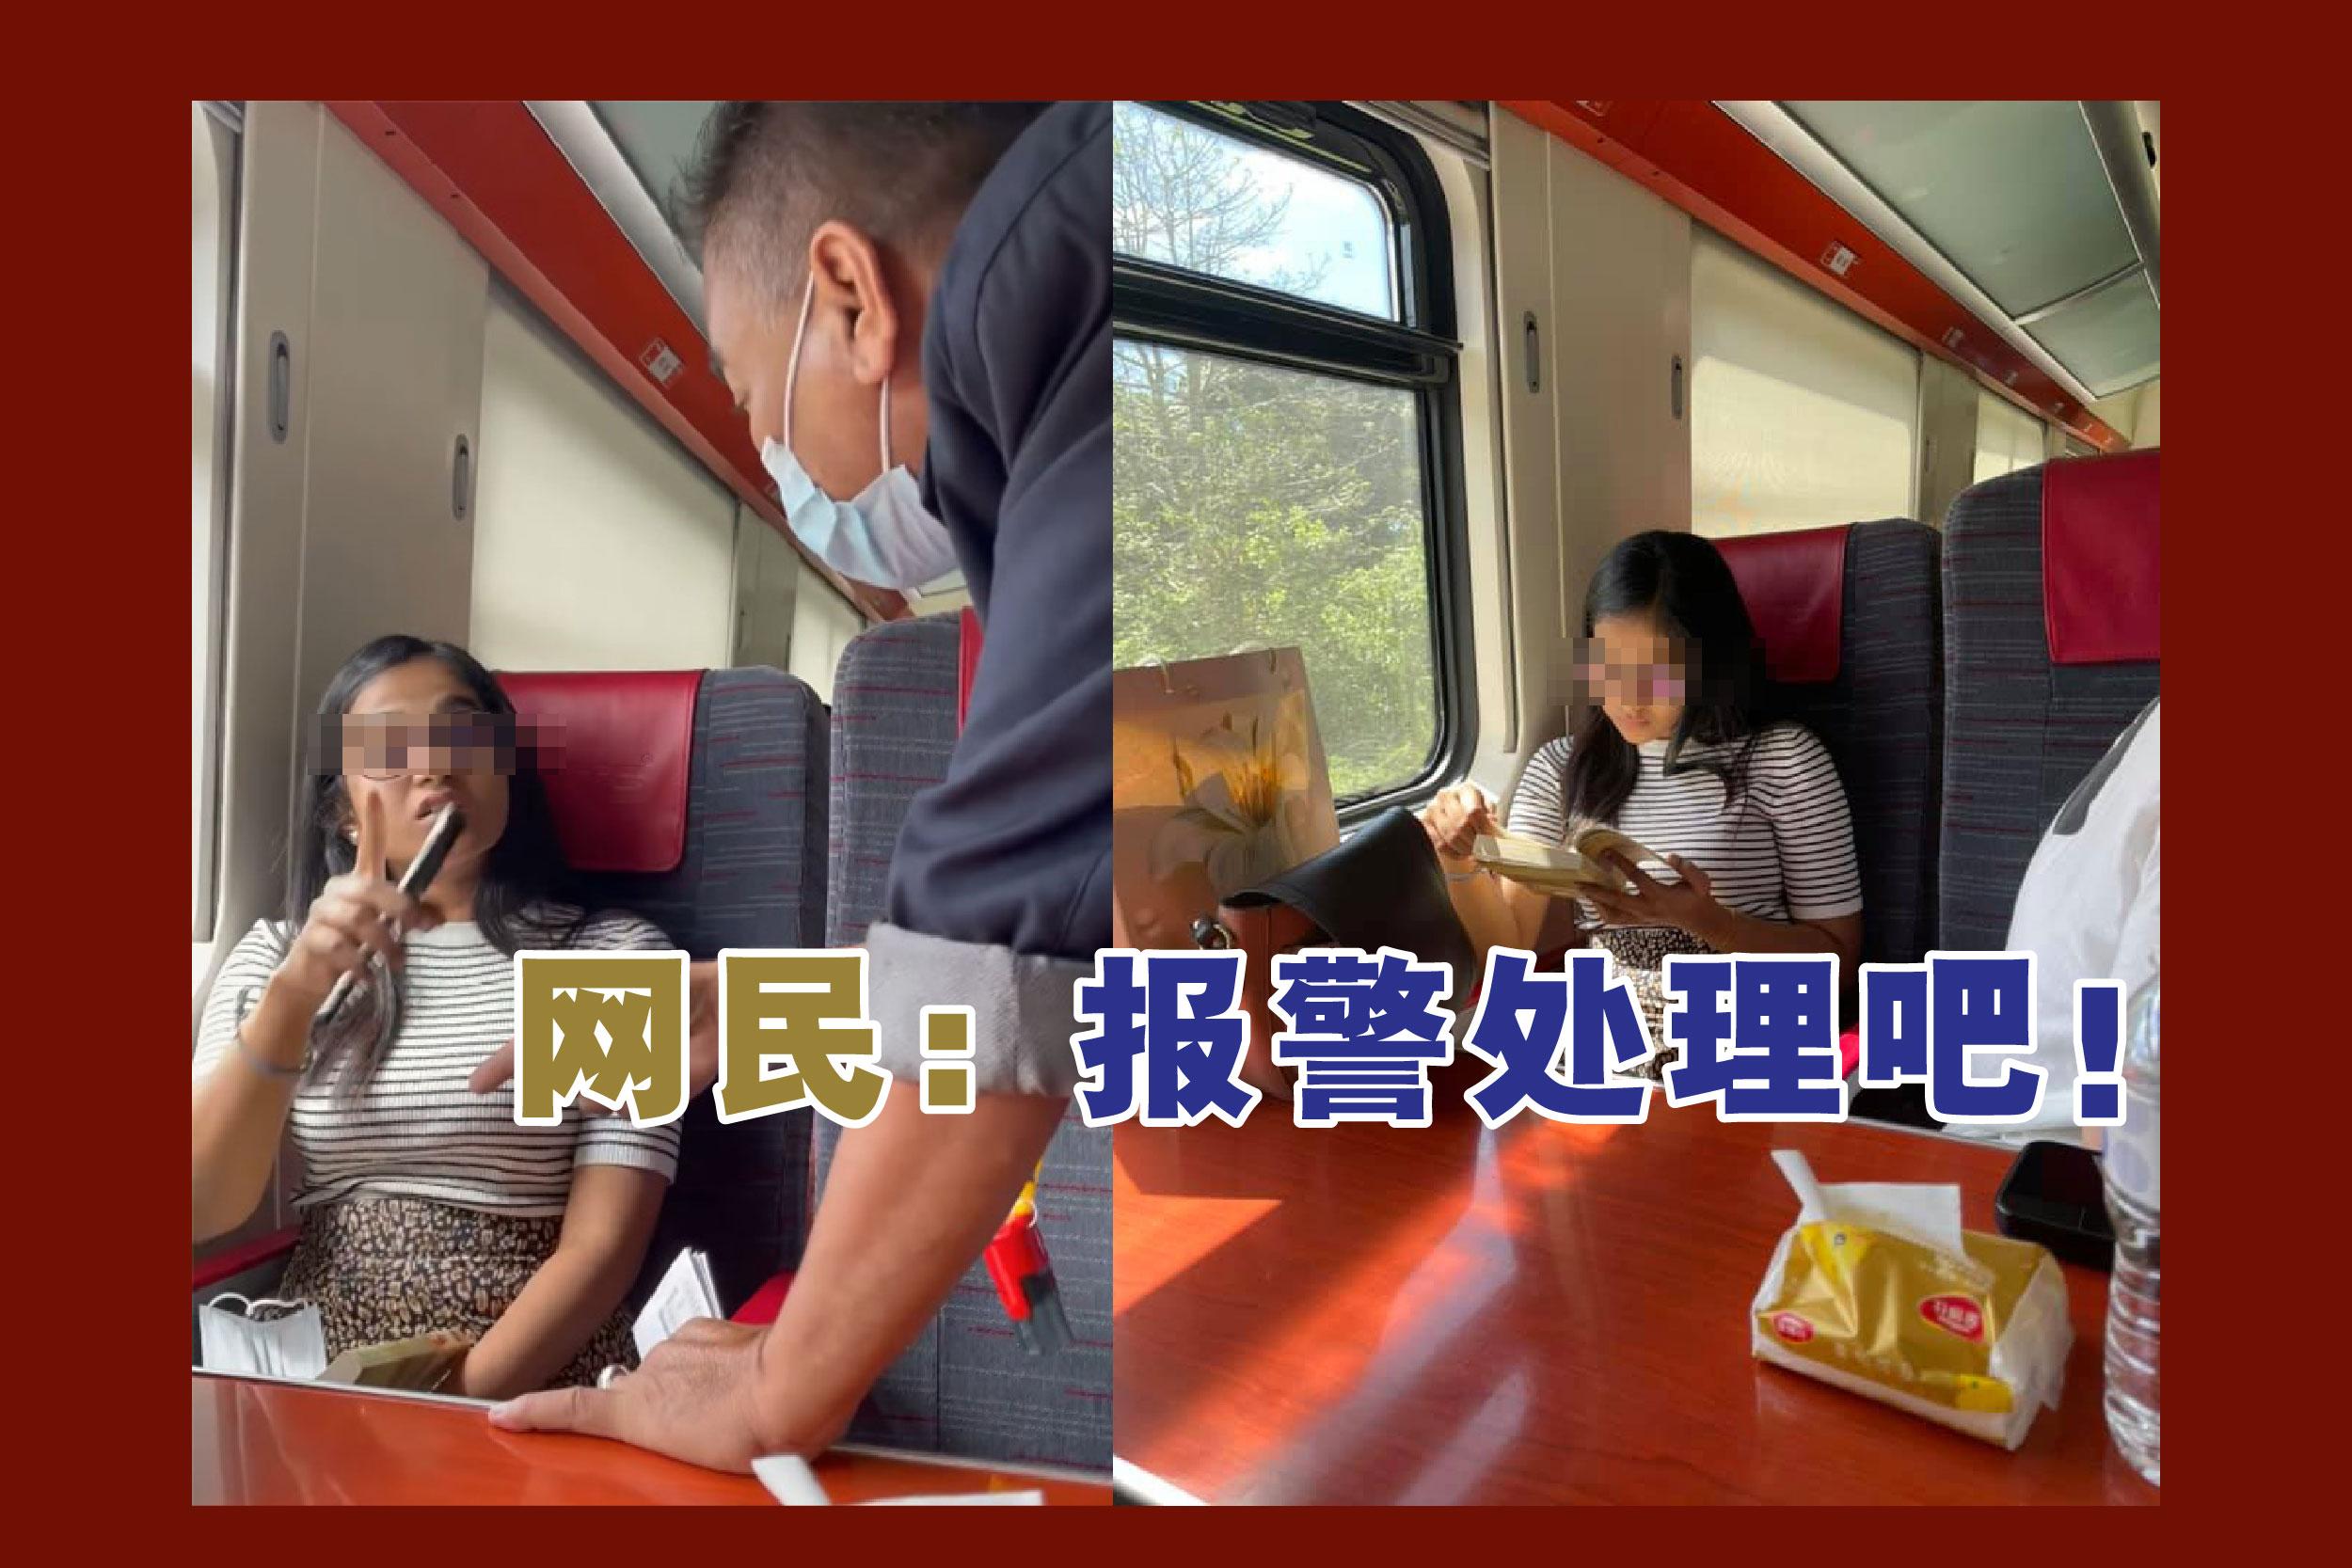 一名印度女子在搭乘双轨电动火车(ETS)期间,因不愿意戴上口罩的视频被分享到脸书(蕉赖吹水站)后,引起网民不满。-精彩大马制图-